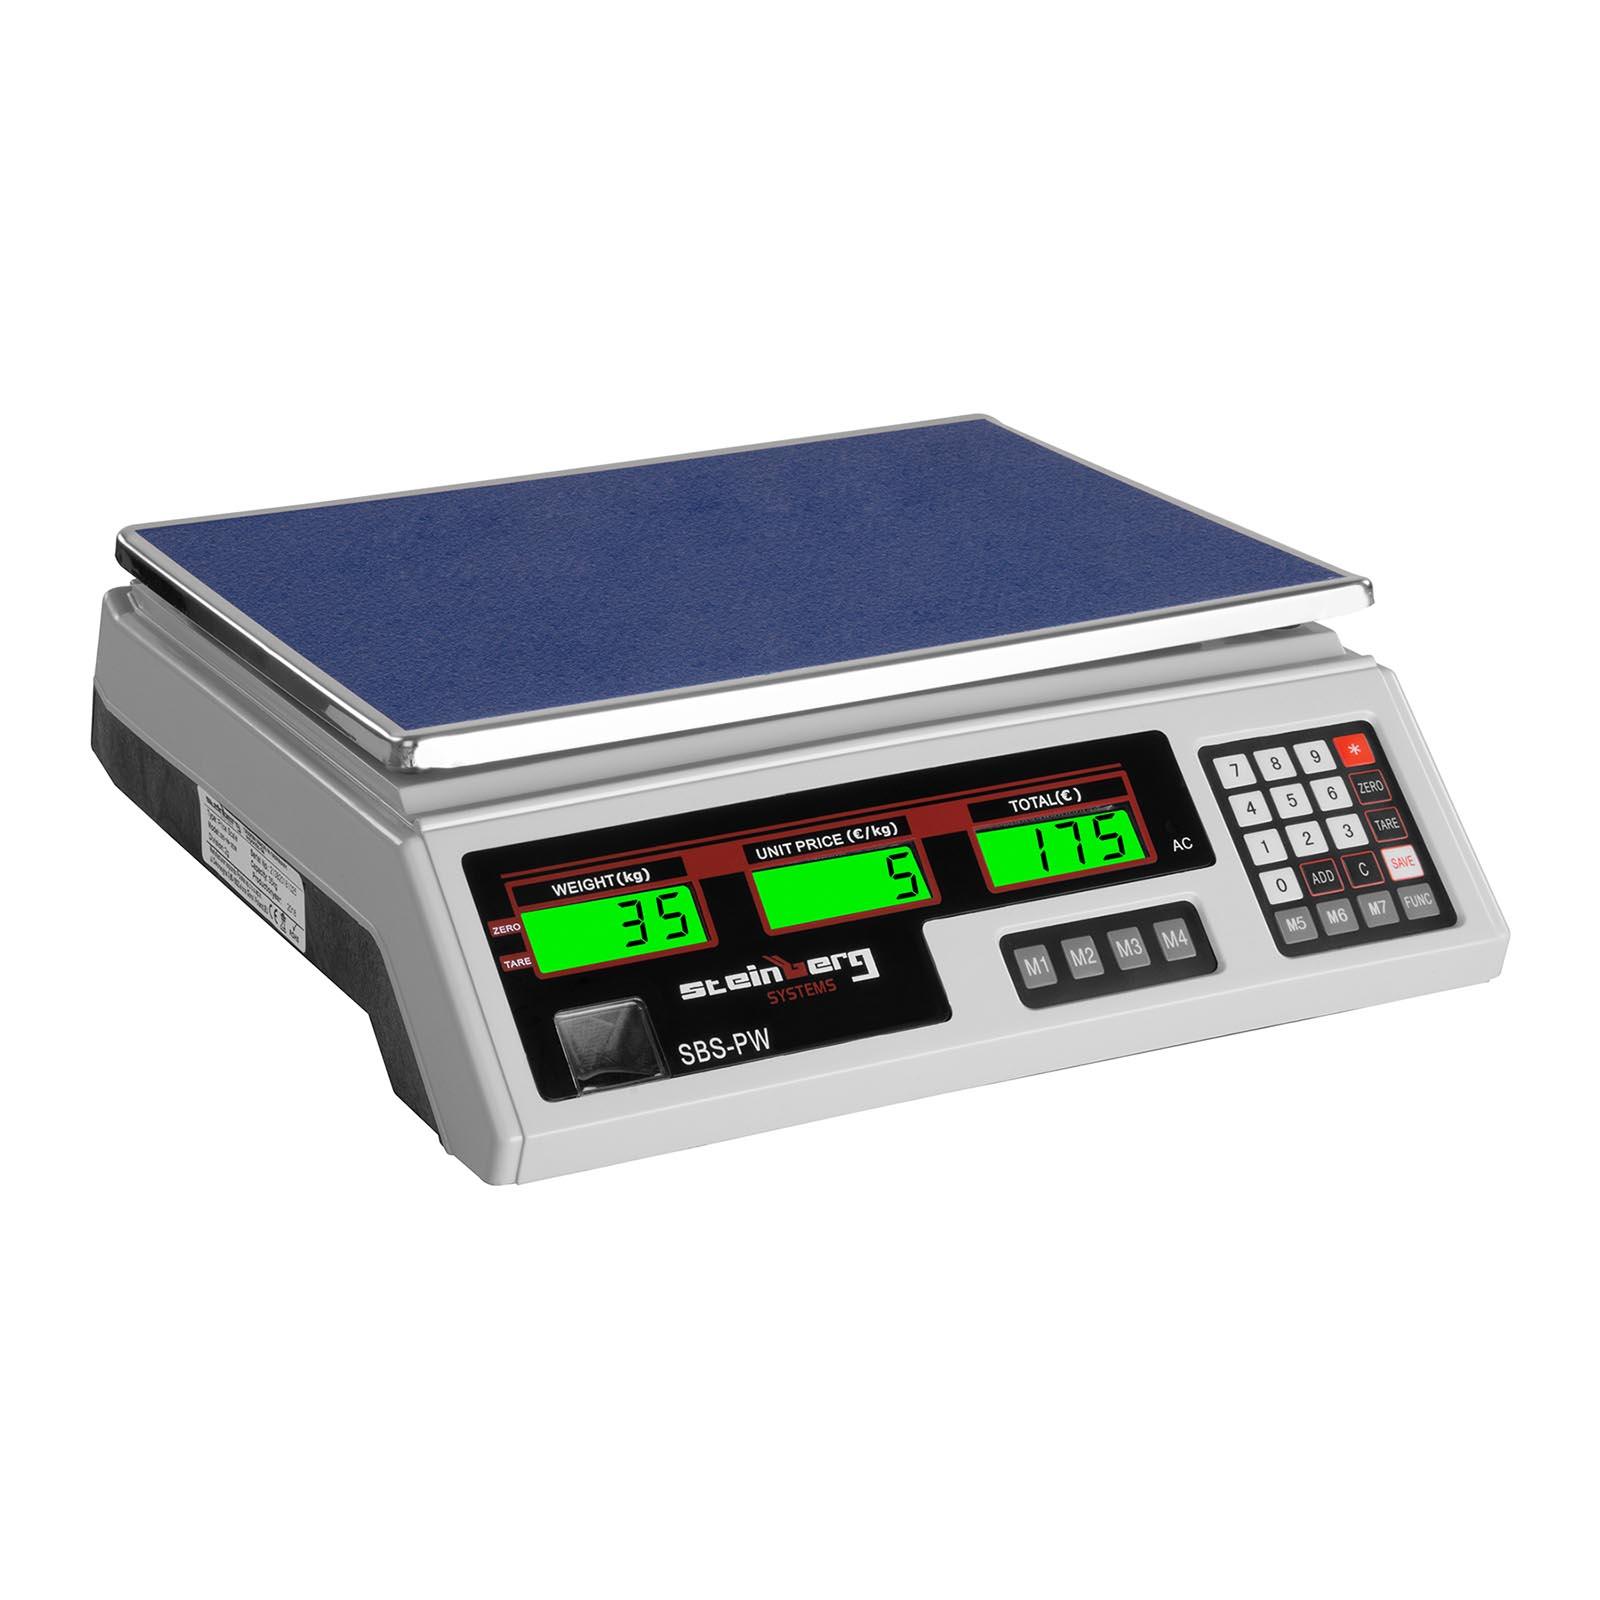 150x110x135mm Industriegehäuse Abzweigdose Verteilerkasten Schaltschrank JS7700